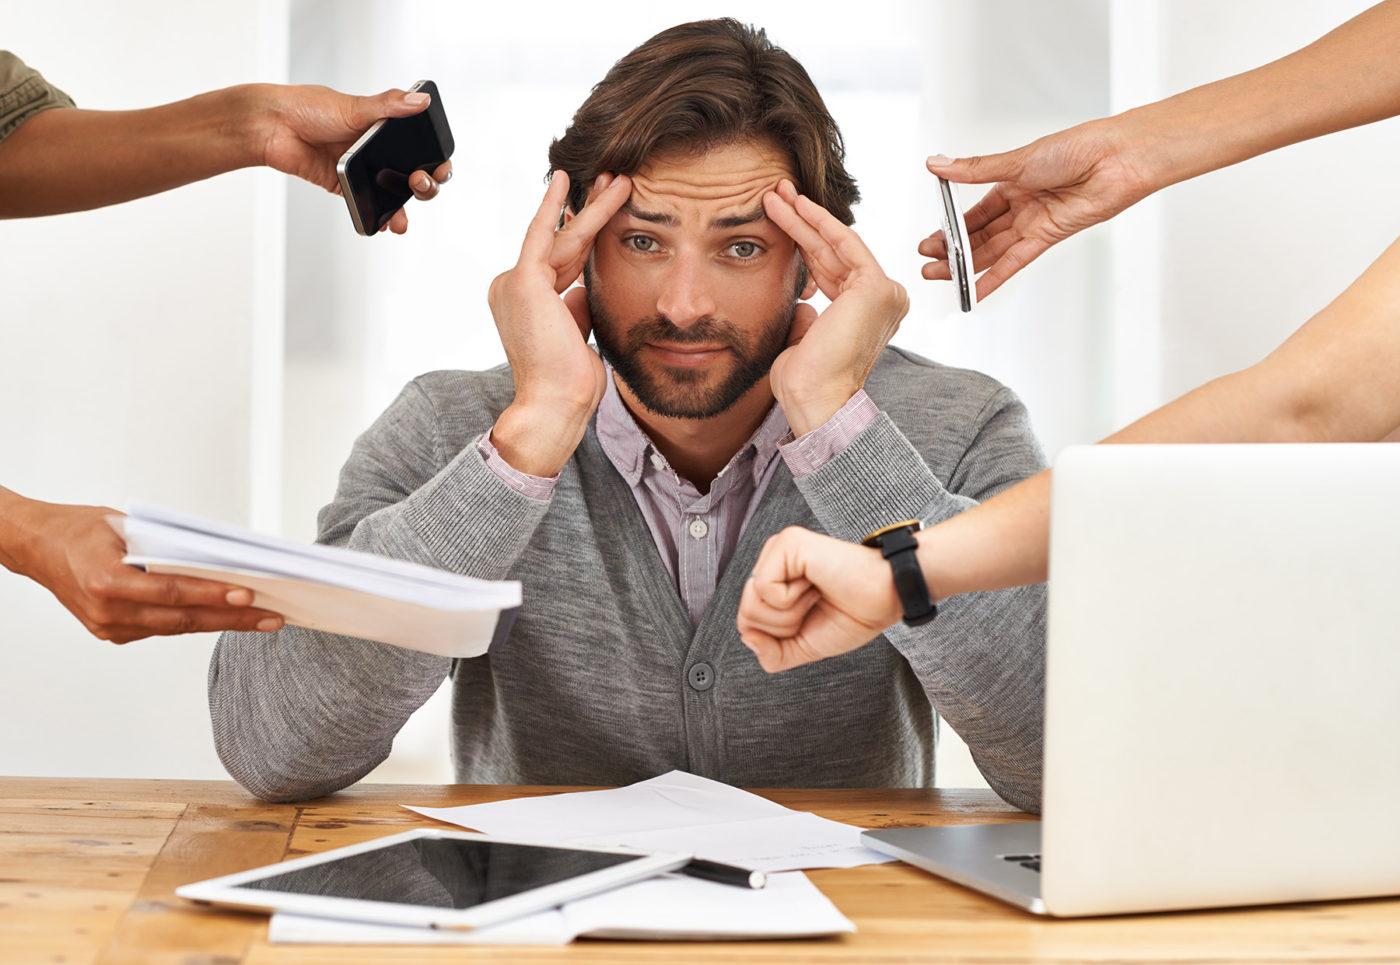 Mindre stress med appar. Foto: Getty Images